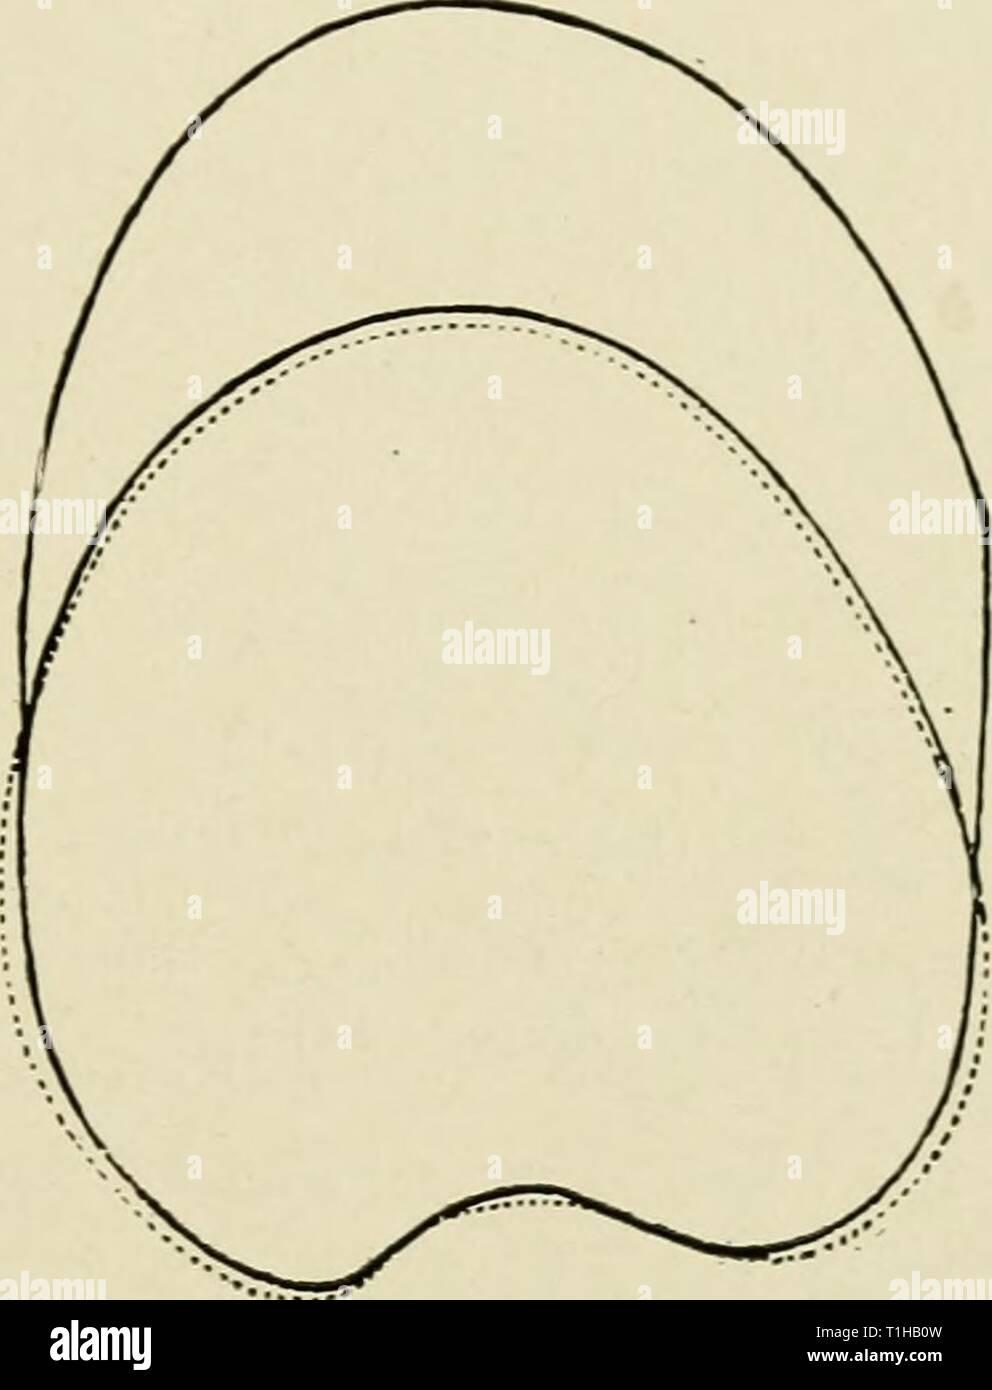 medium resolution of apex occipital diagram best wiring diagram apex occipital diagram